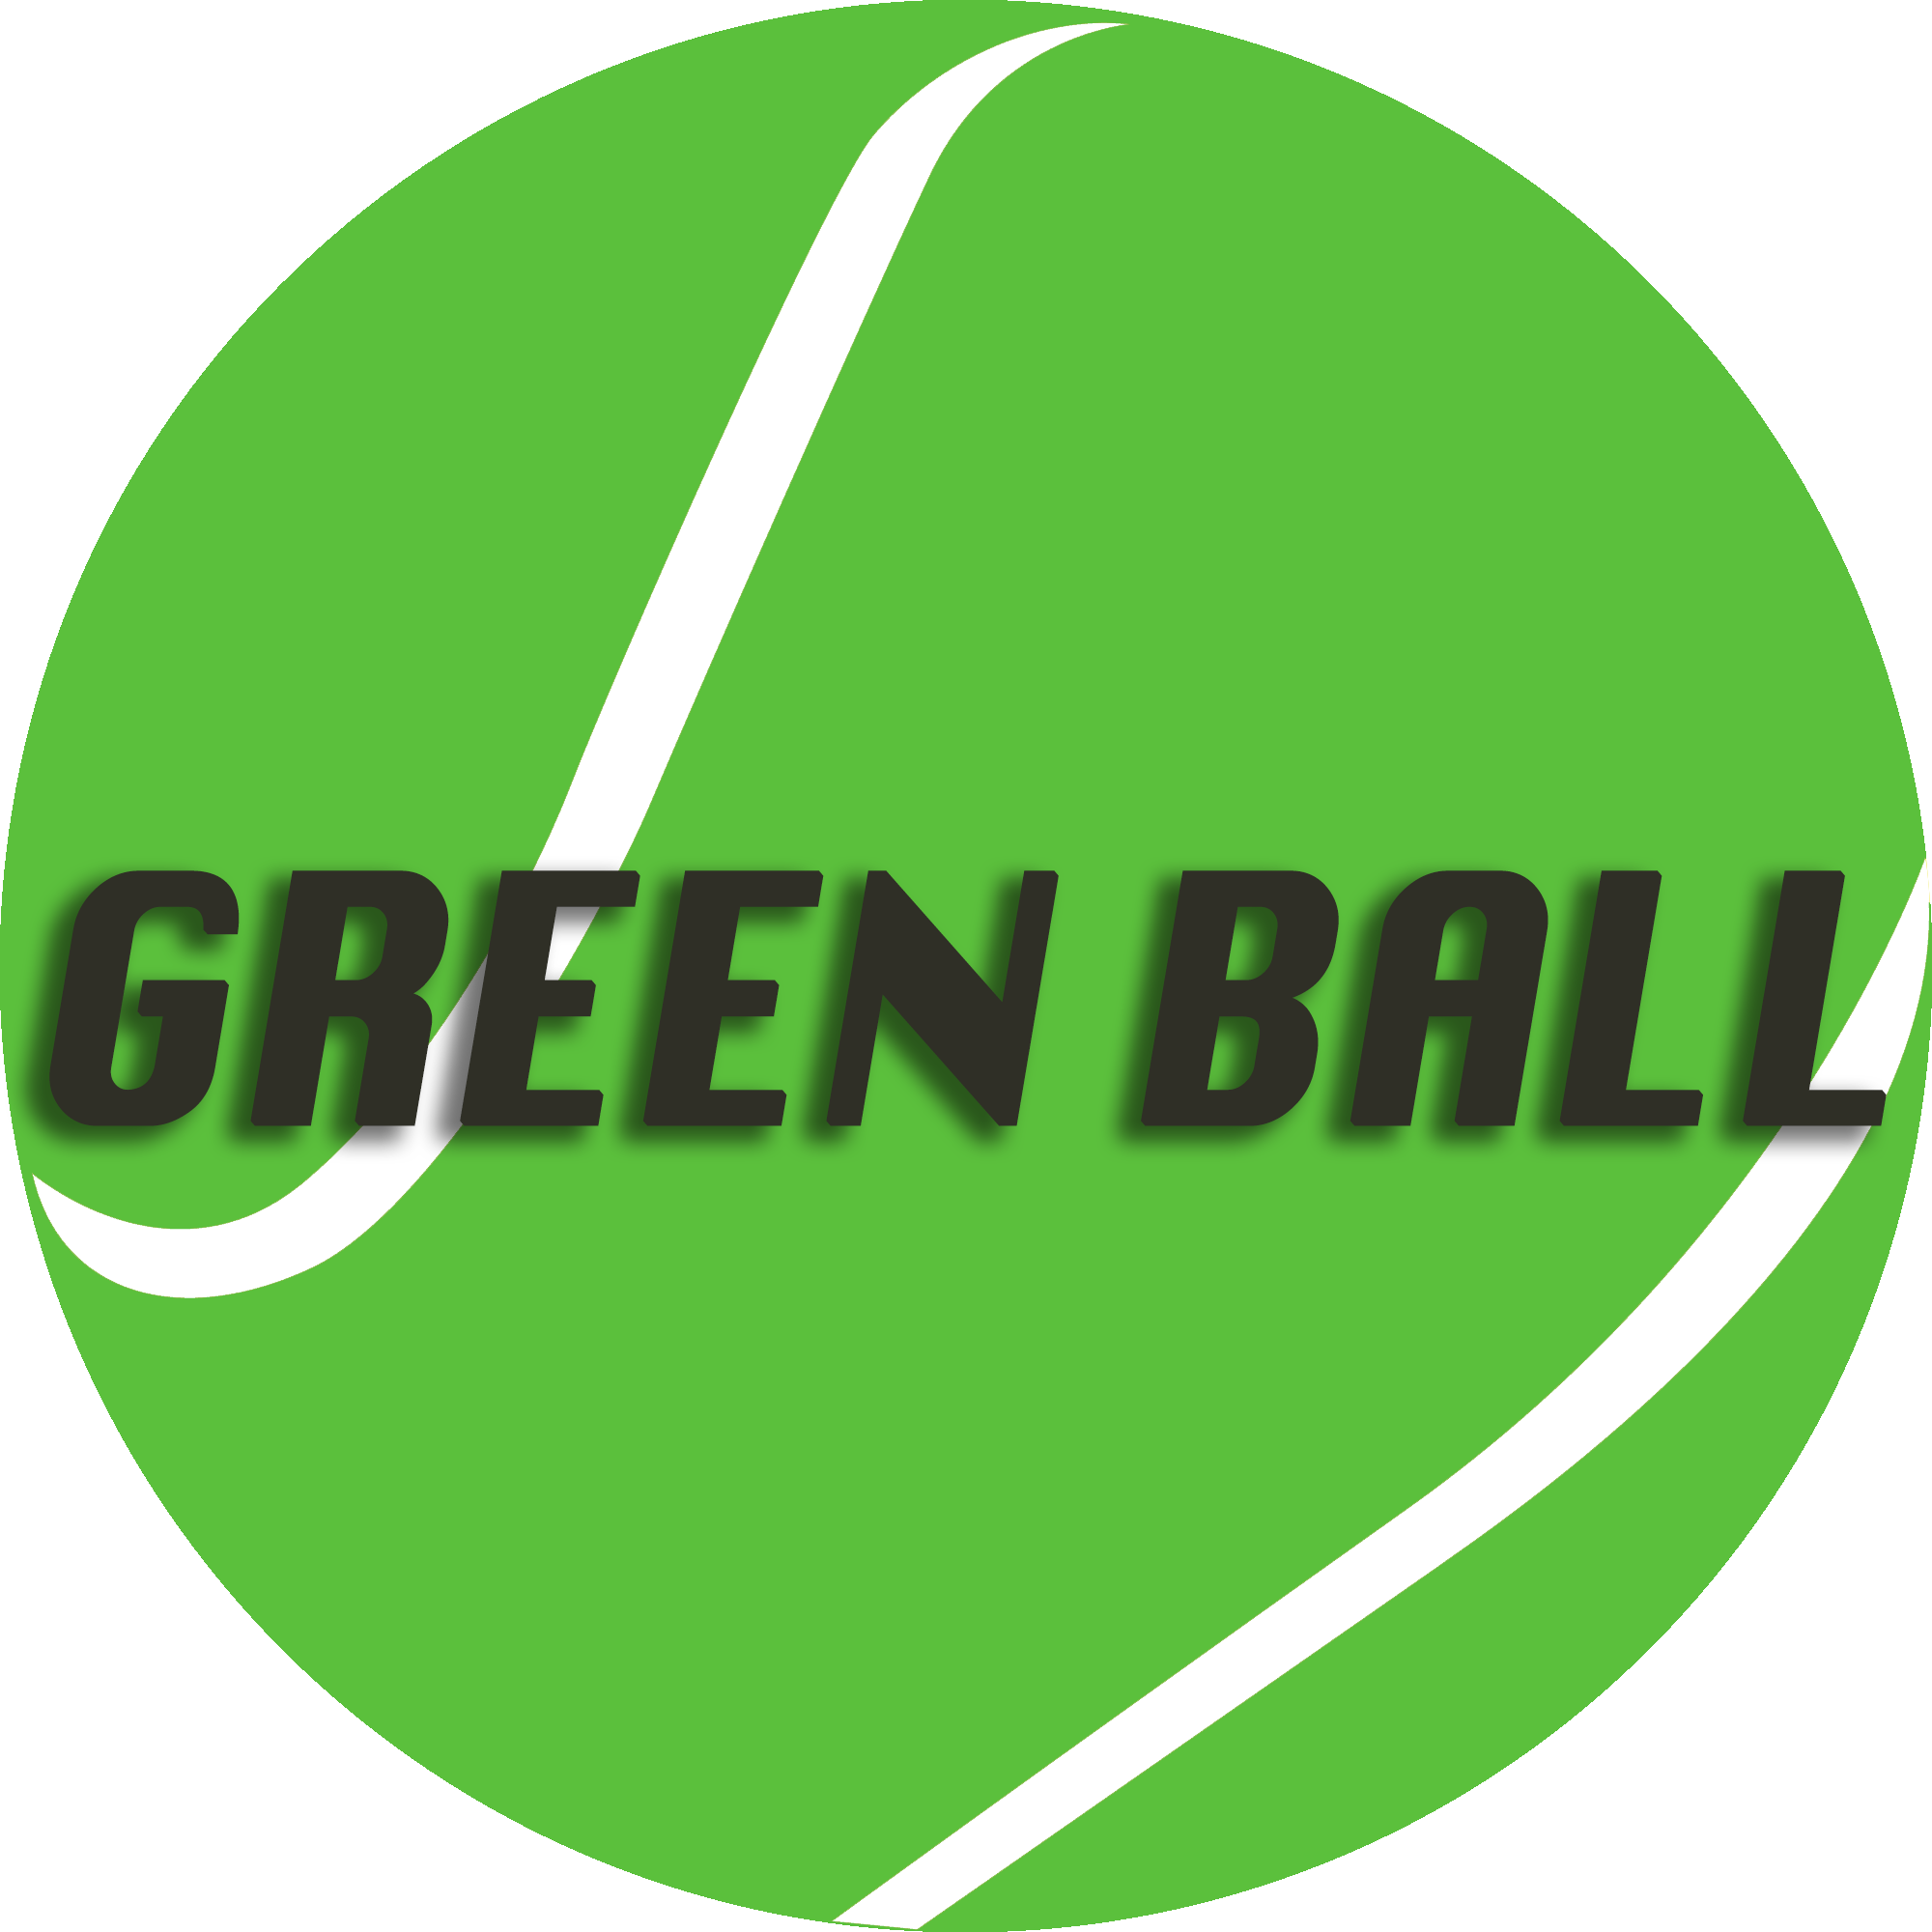 GREEN_BALL_1